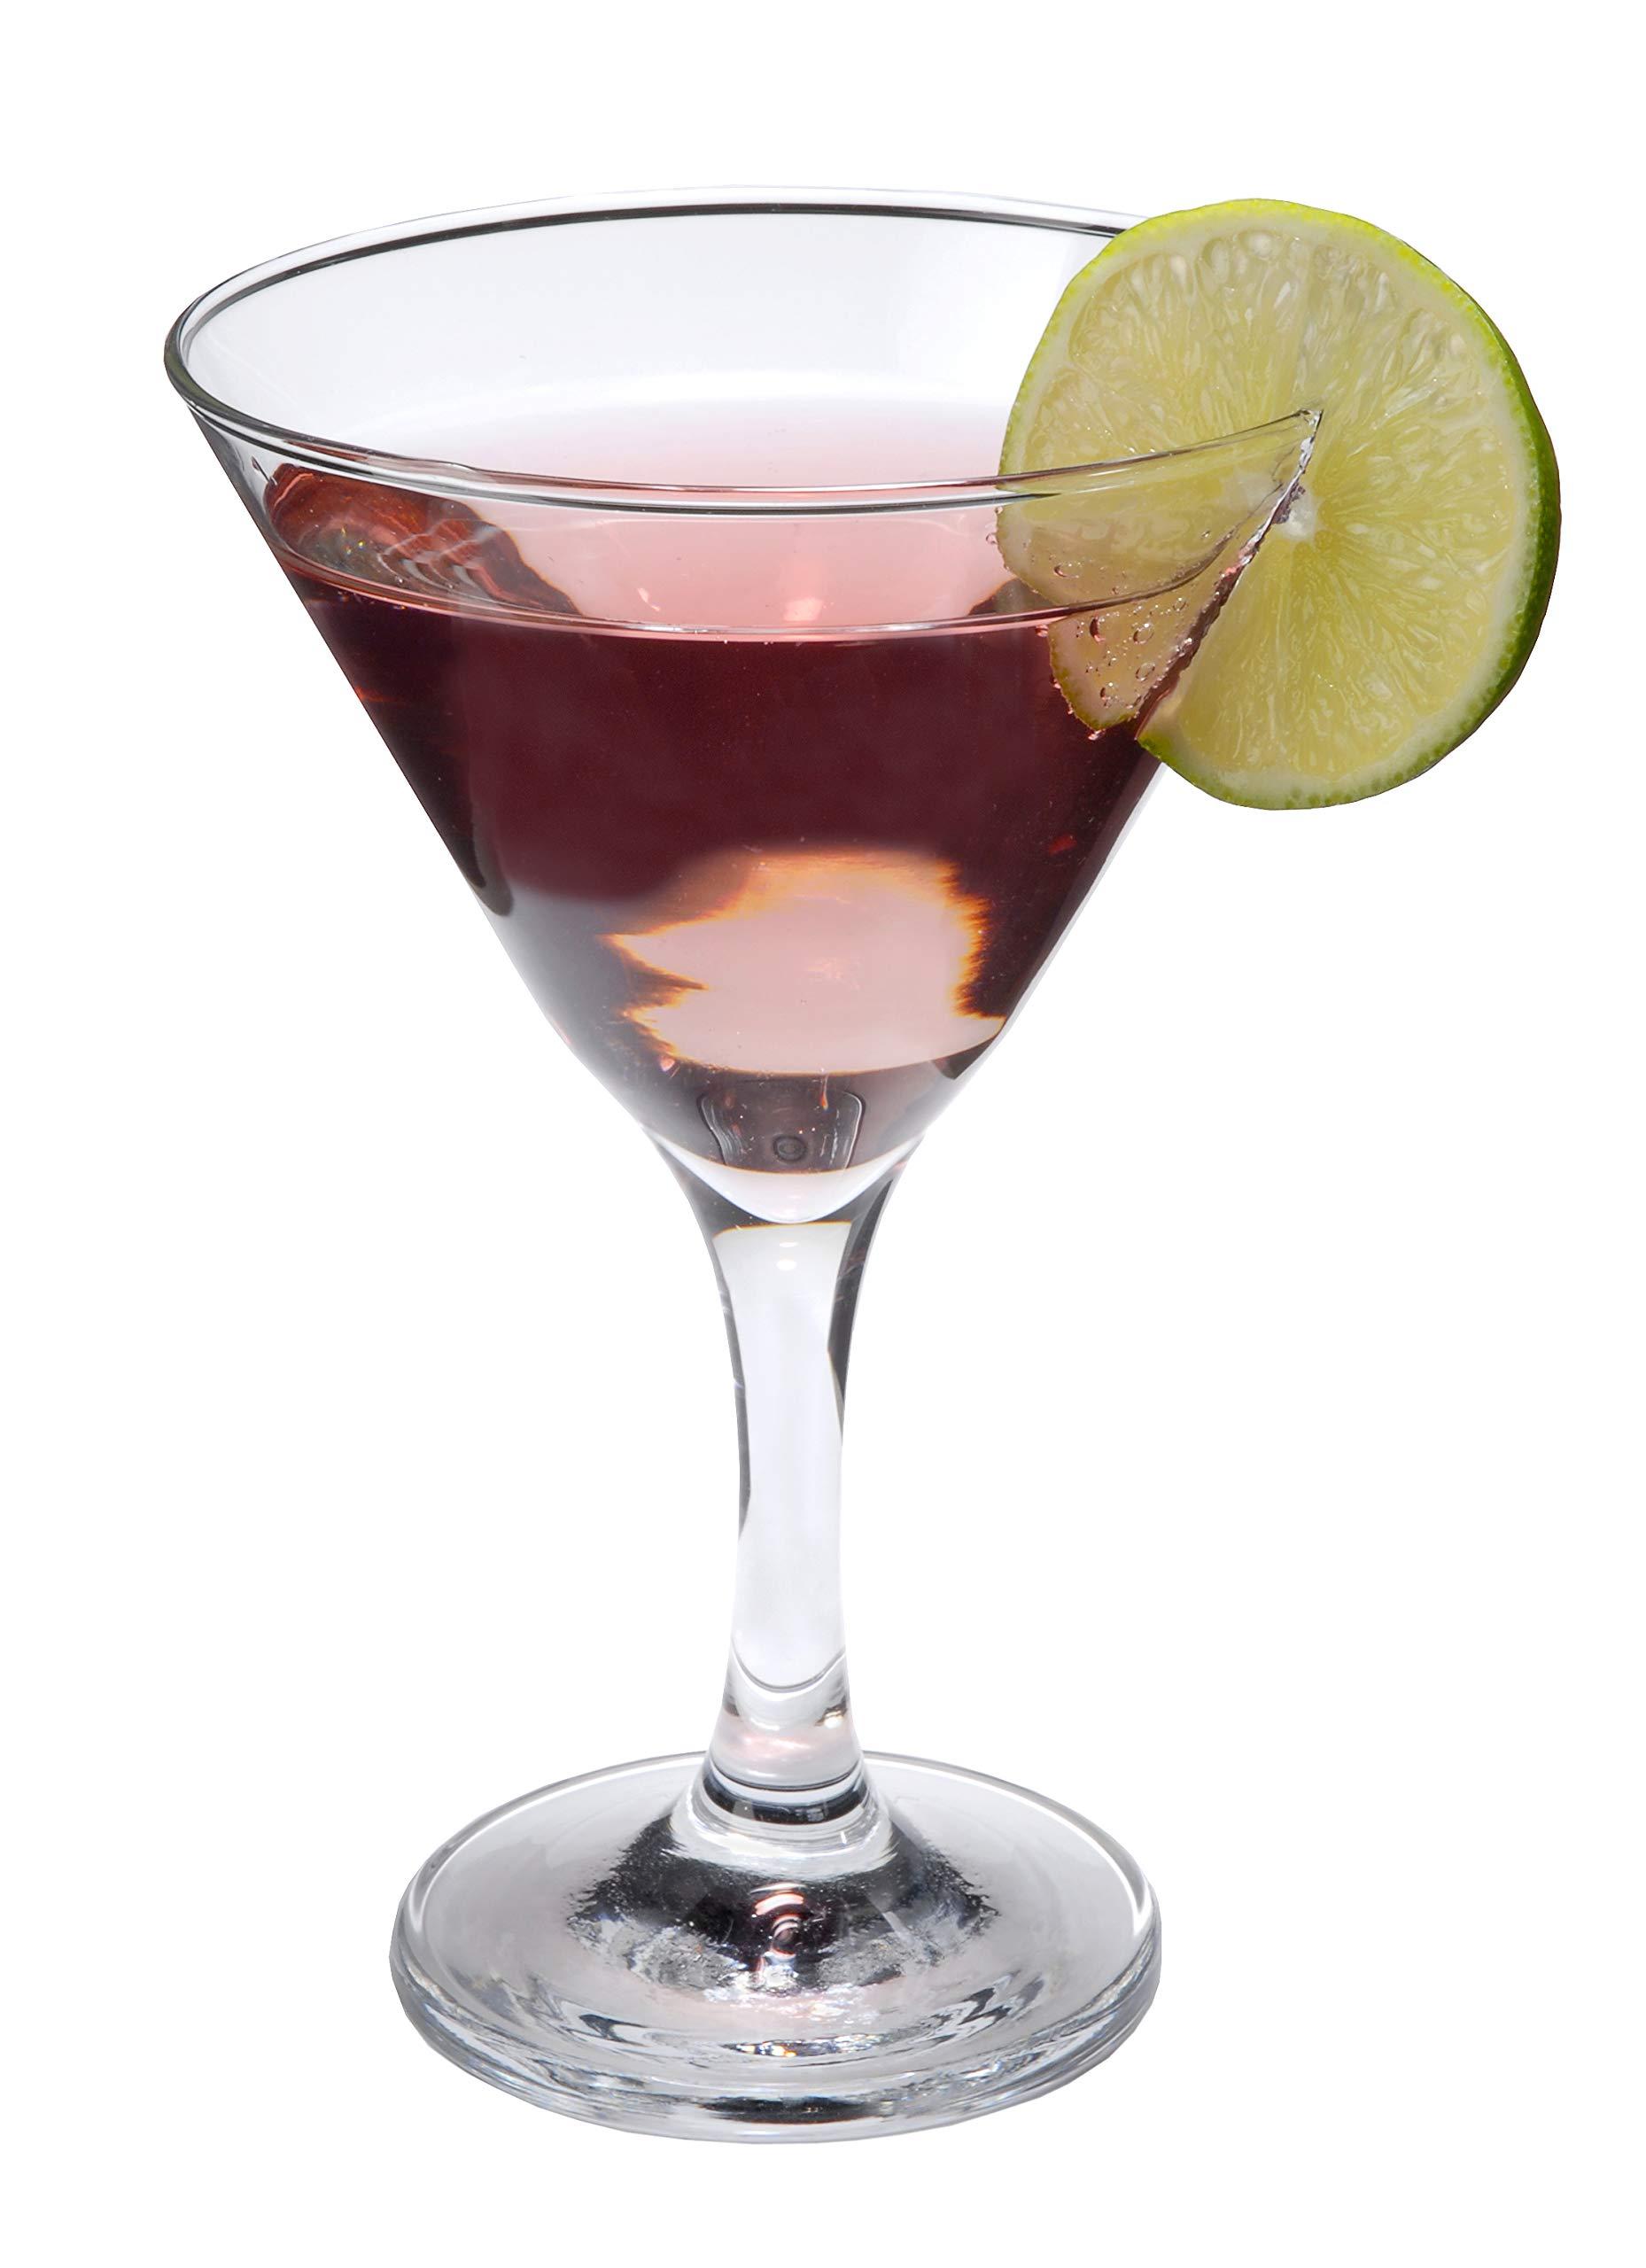 Epure Cremona Collection Martini Glass Set (Martini (9 oz) - 12 pc.) by epure